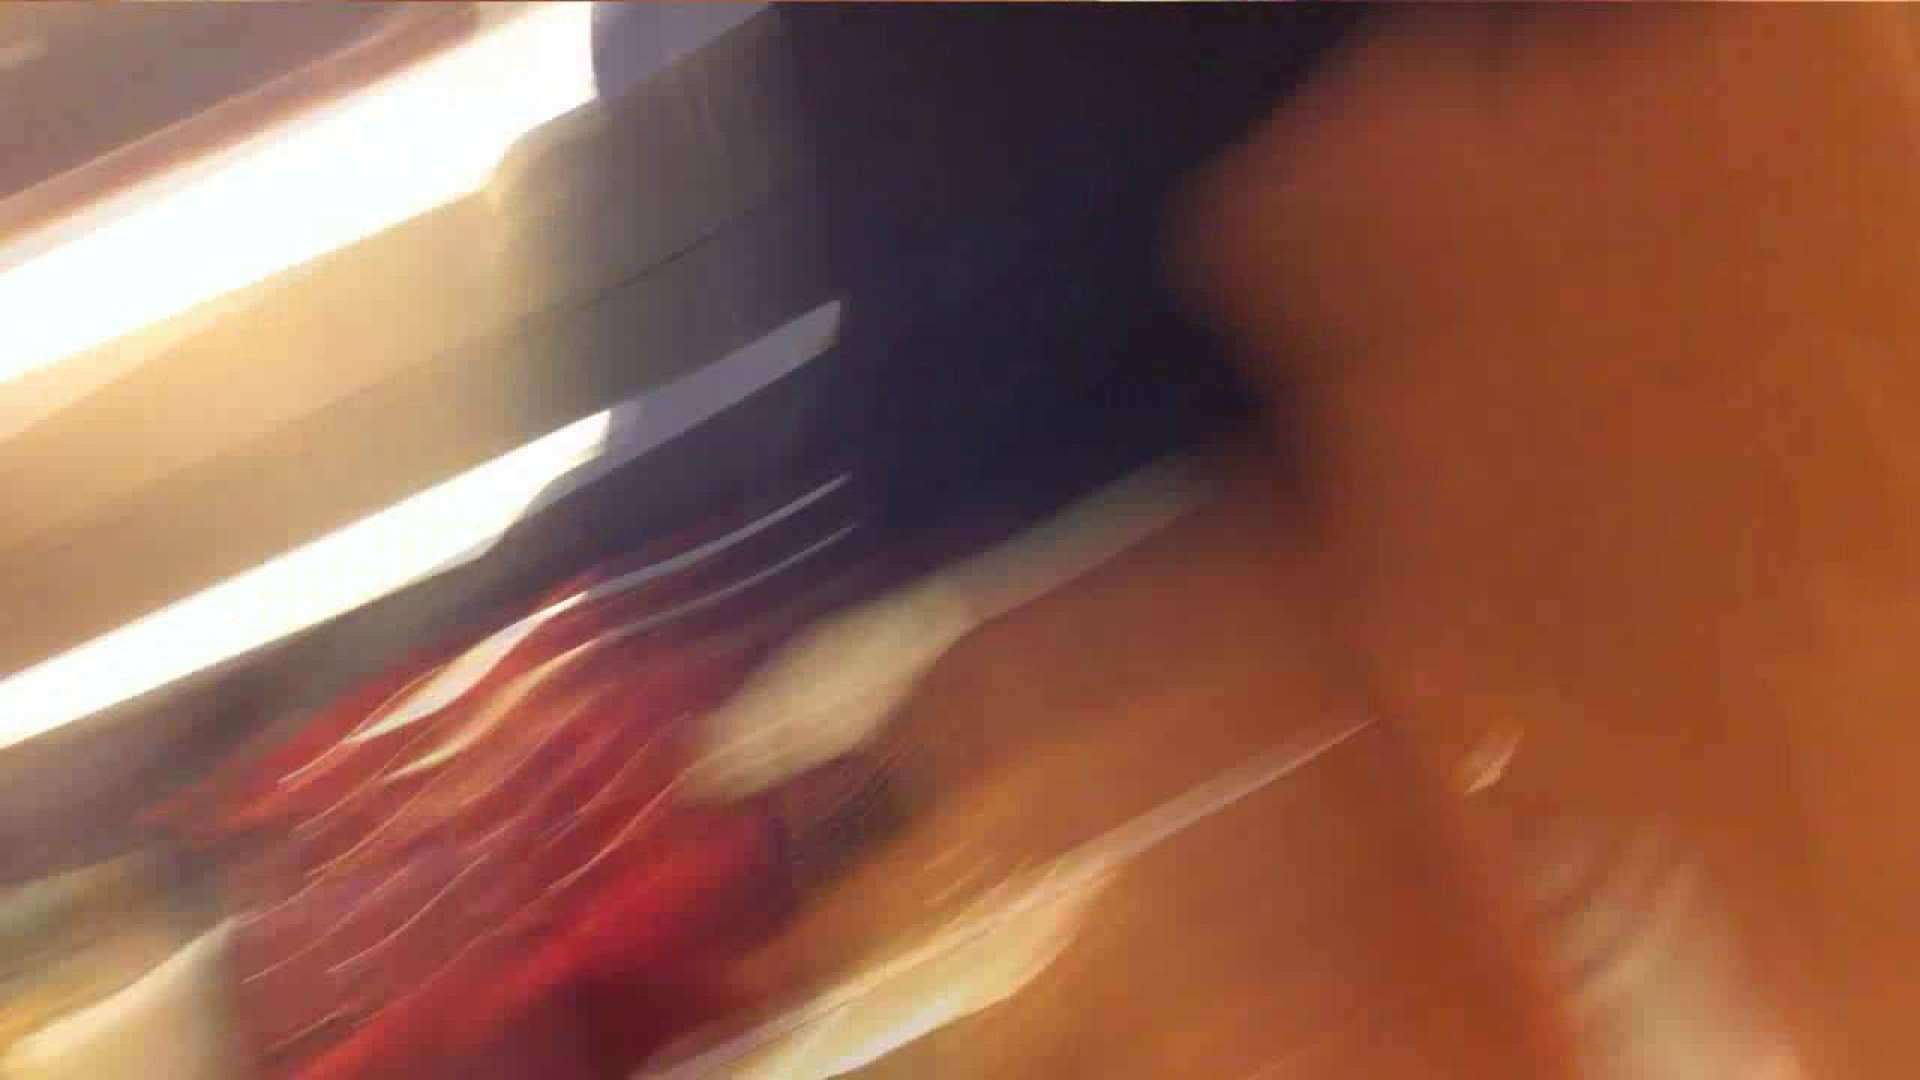 vol.33 美人アパレル胸チラ&パンチラ ギャル系ネーチャンの下着 接写 ワレメ動画紹介 94pic 35